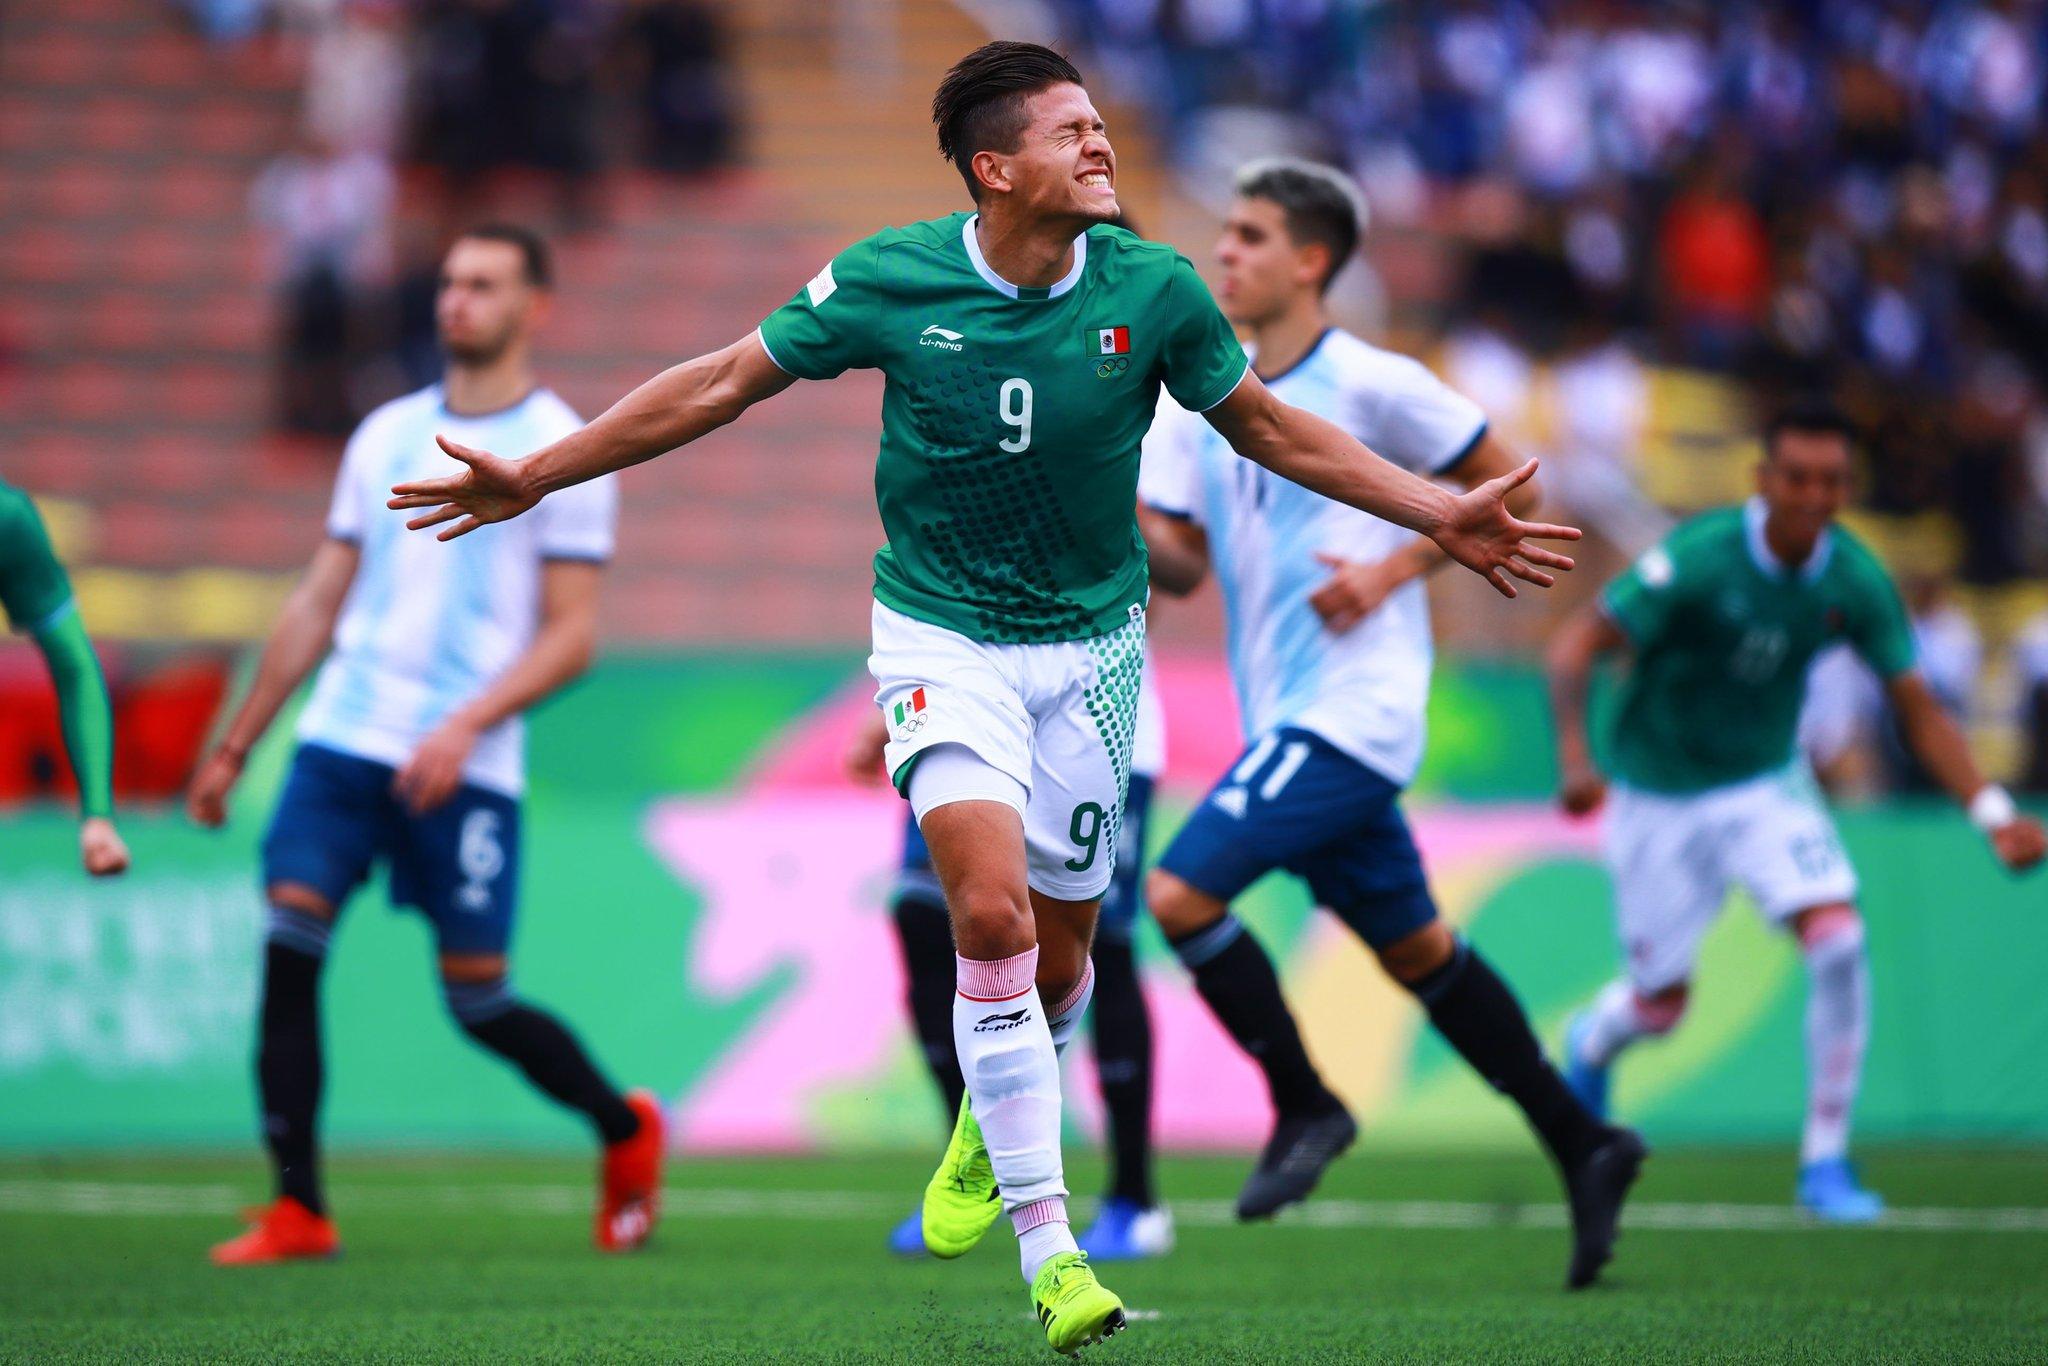 Tri Sub 22 va contra Honduras por su pase a la final en Lima 2019